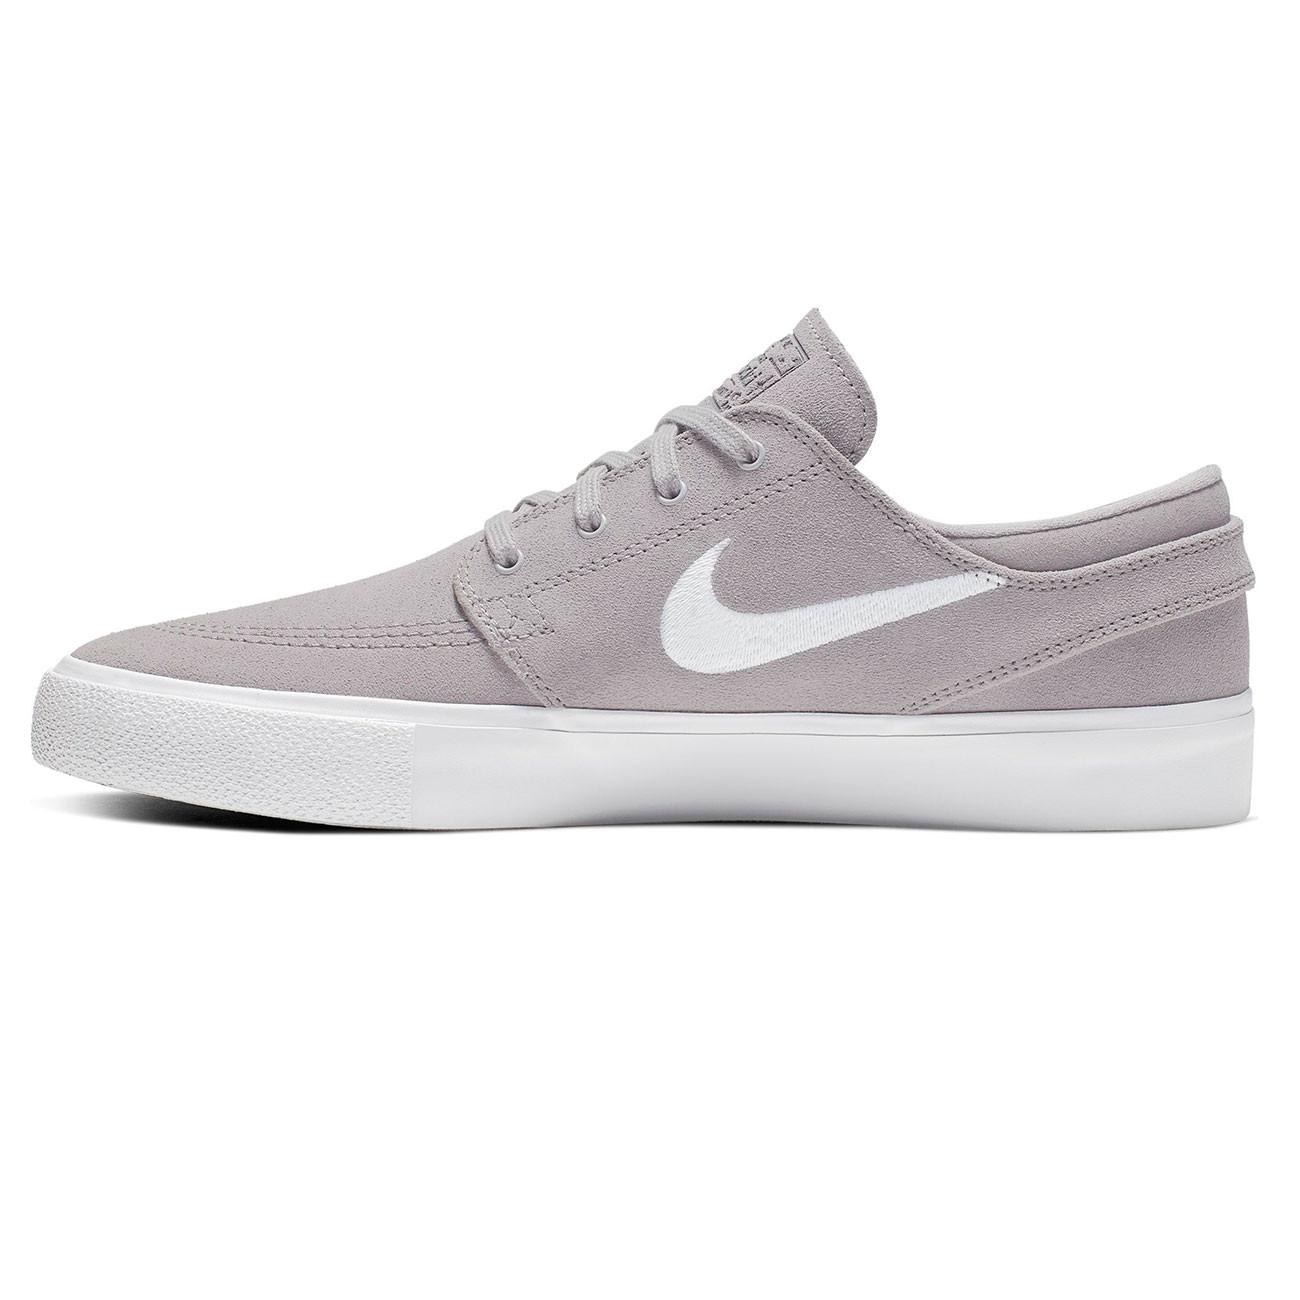 brand new 8ec92 d8808 Sneakers Nike SB Zoom Stefan Janoski Rm